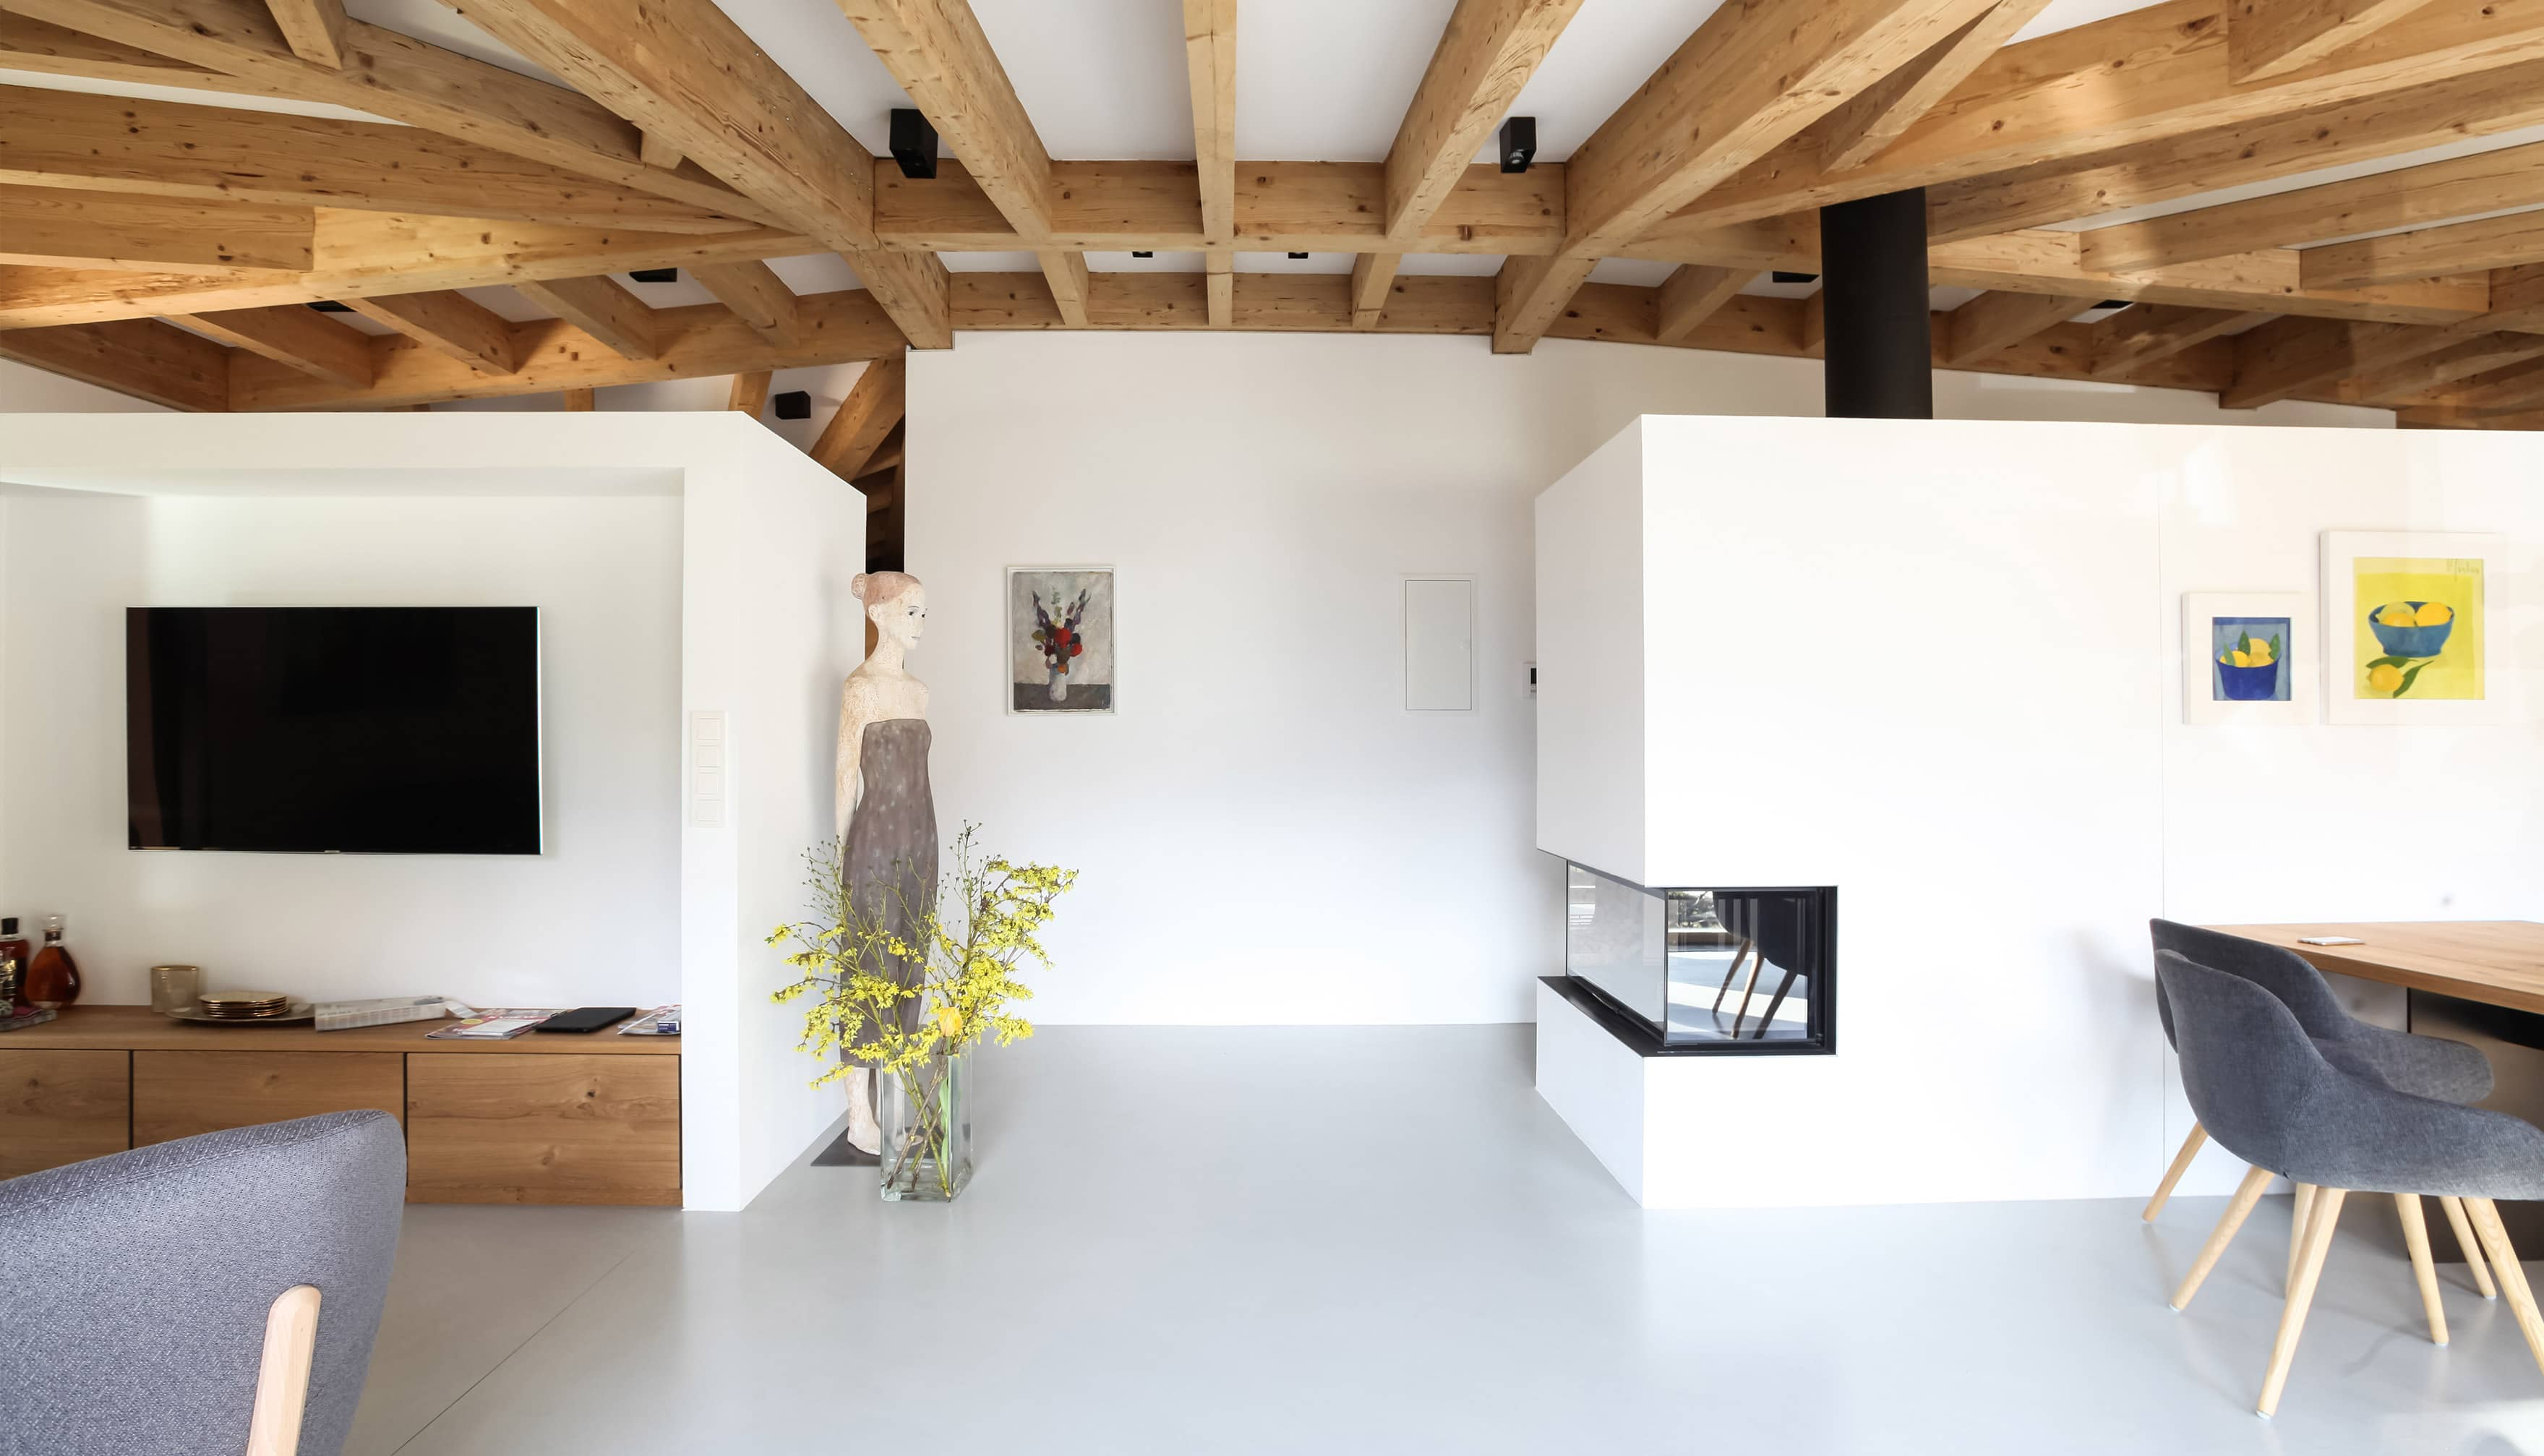 Wohnraum-holzbau